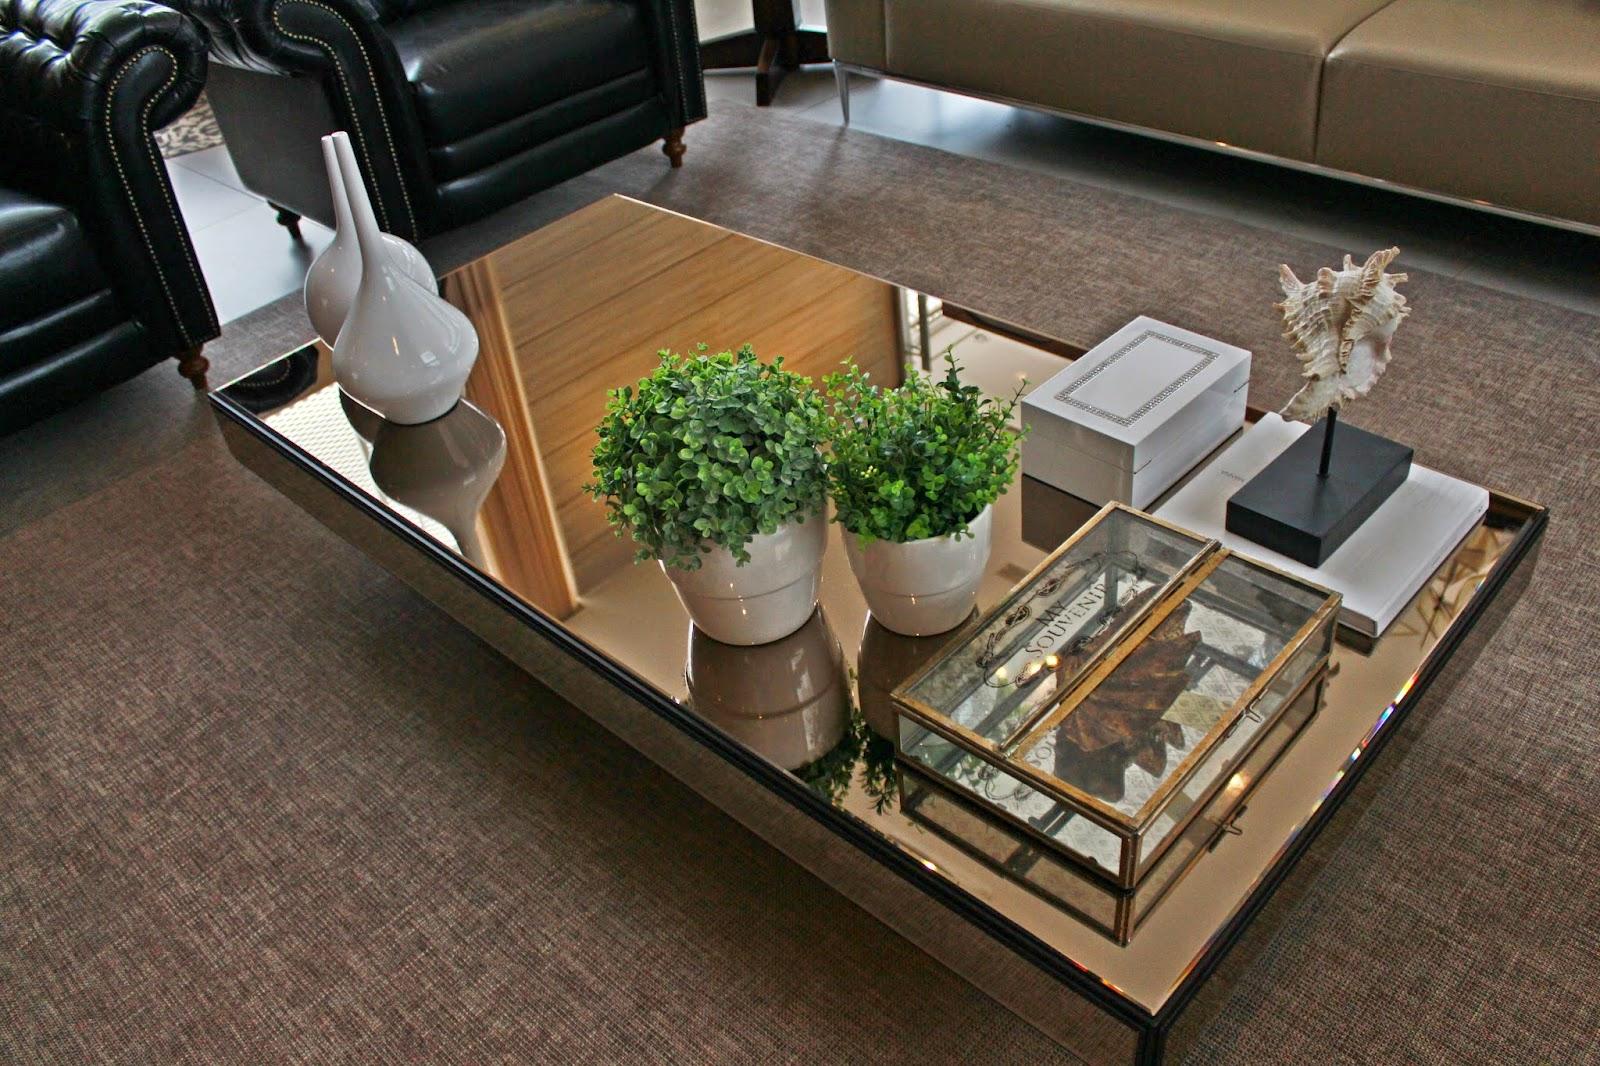 Encanto decora es mesas de centro saiba como decorar - Modelos de mesa de centro ...